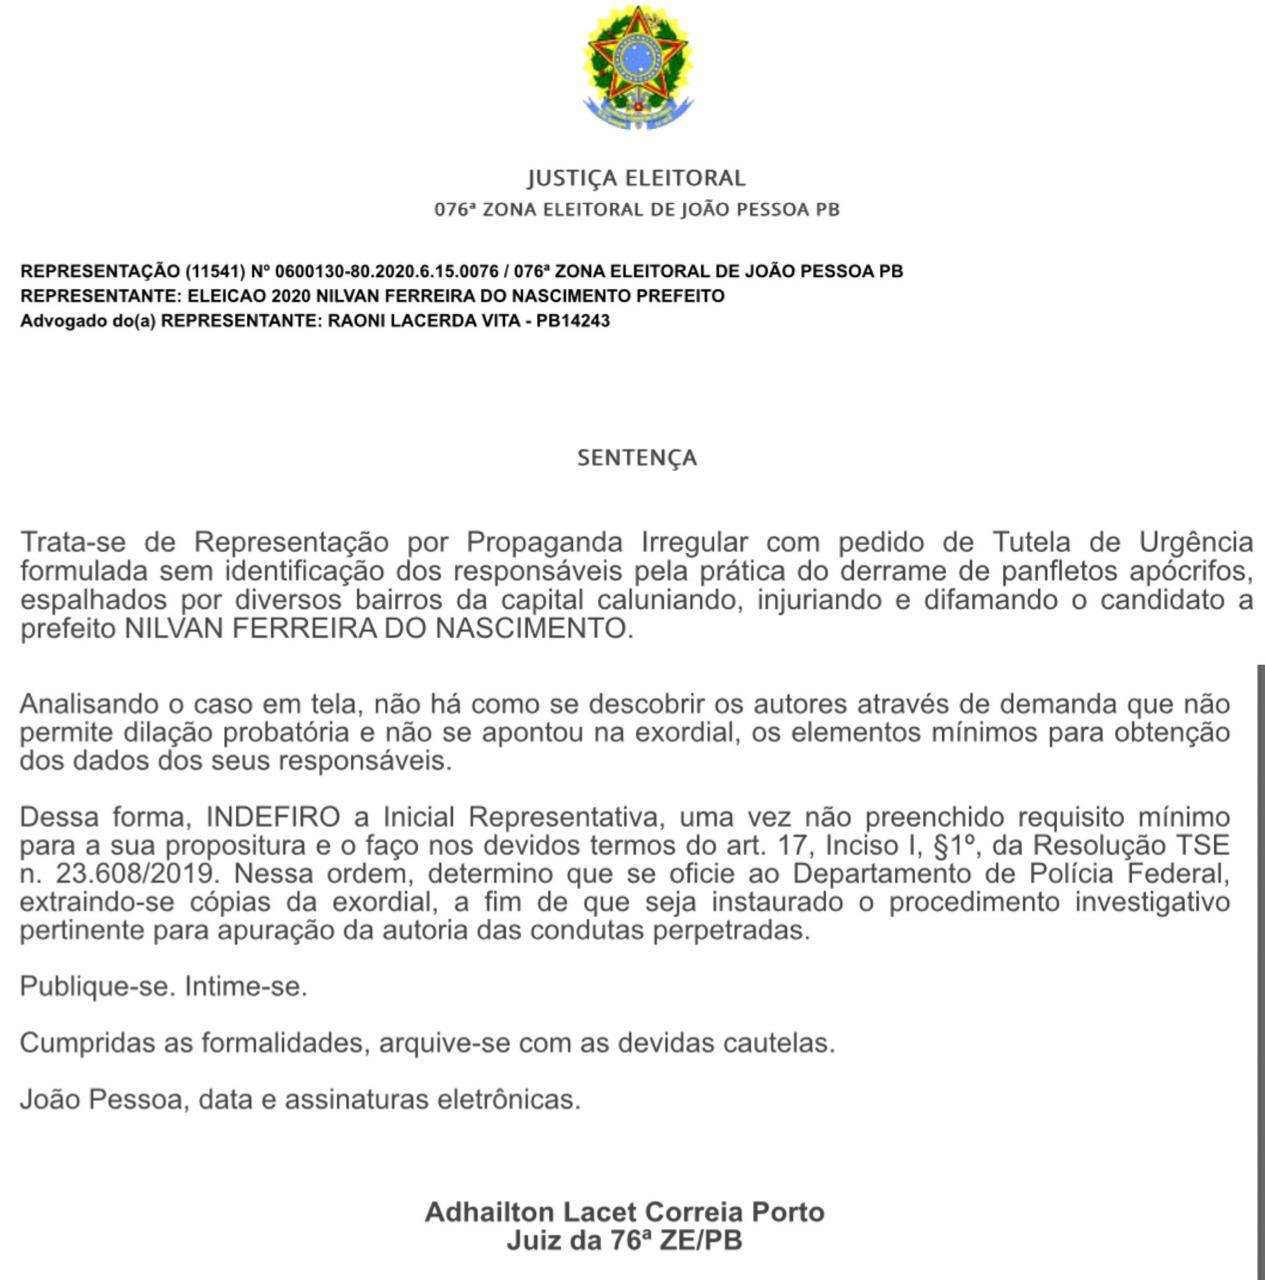 0d877bb5 c556 42bf ad48 19194a4d3a20 - ATAQUES AOS CANDIDATOS: juiz pede que seja instalado procedimento para investigação dos panfletos na PF